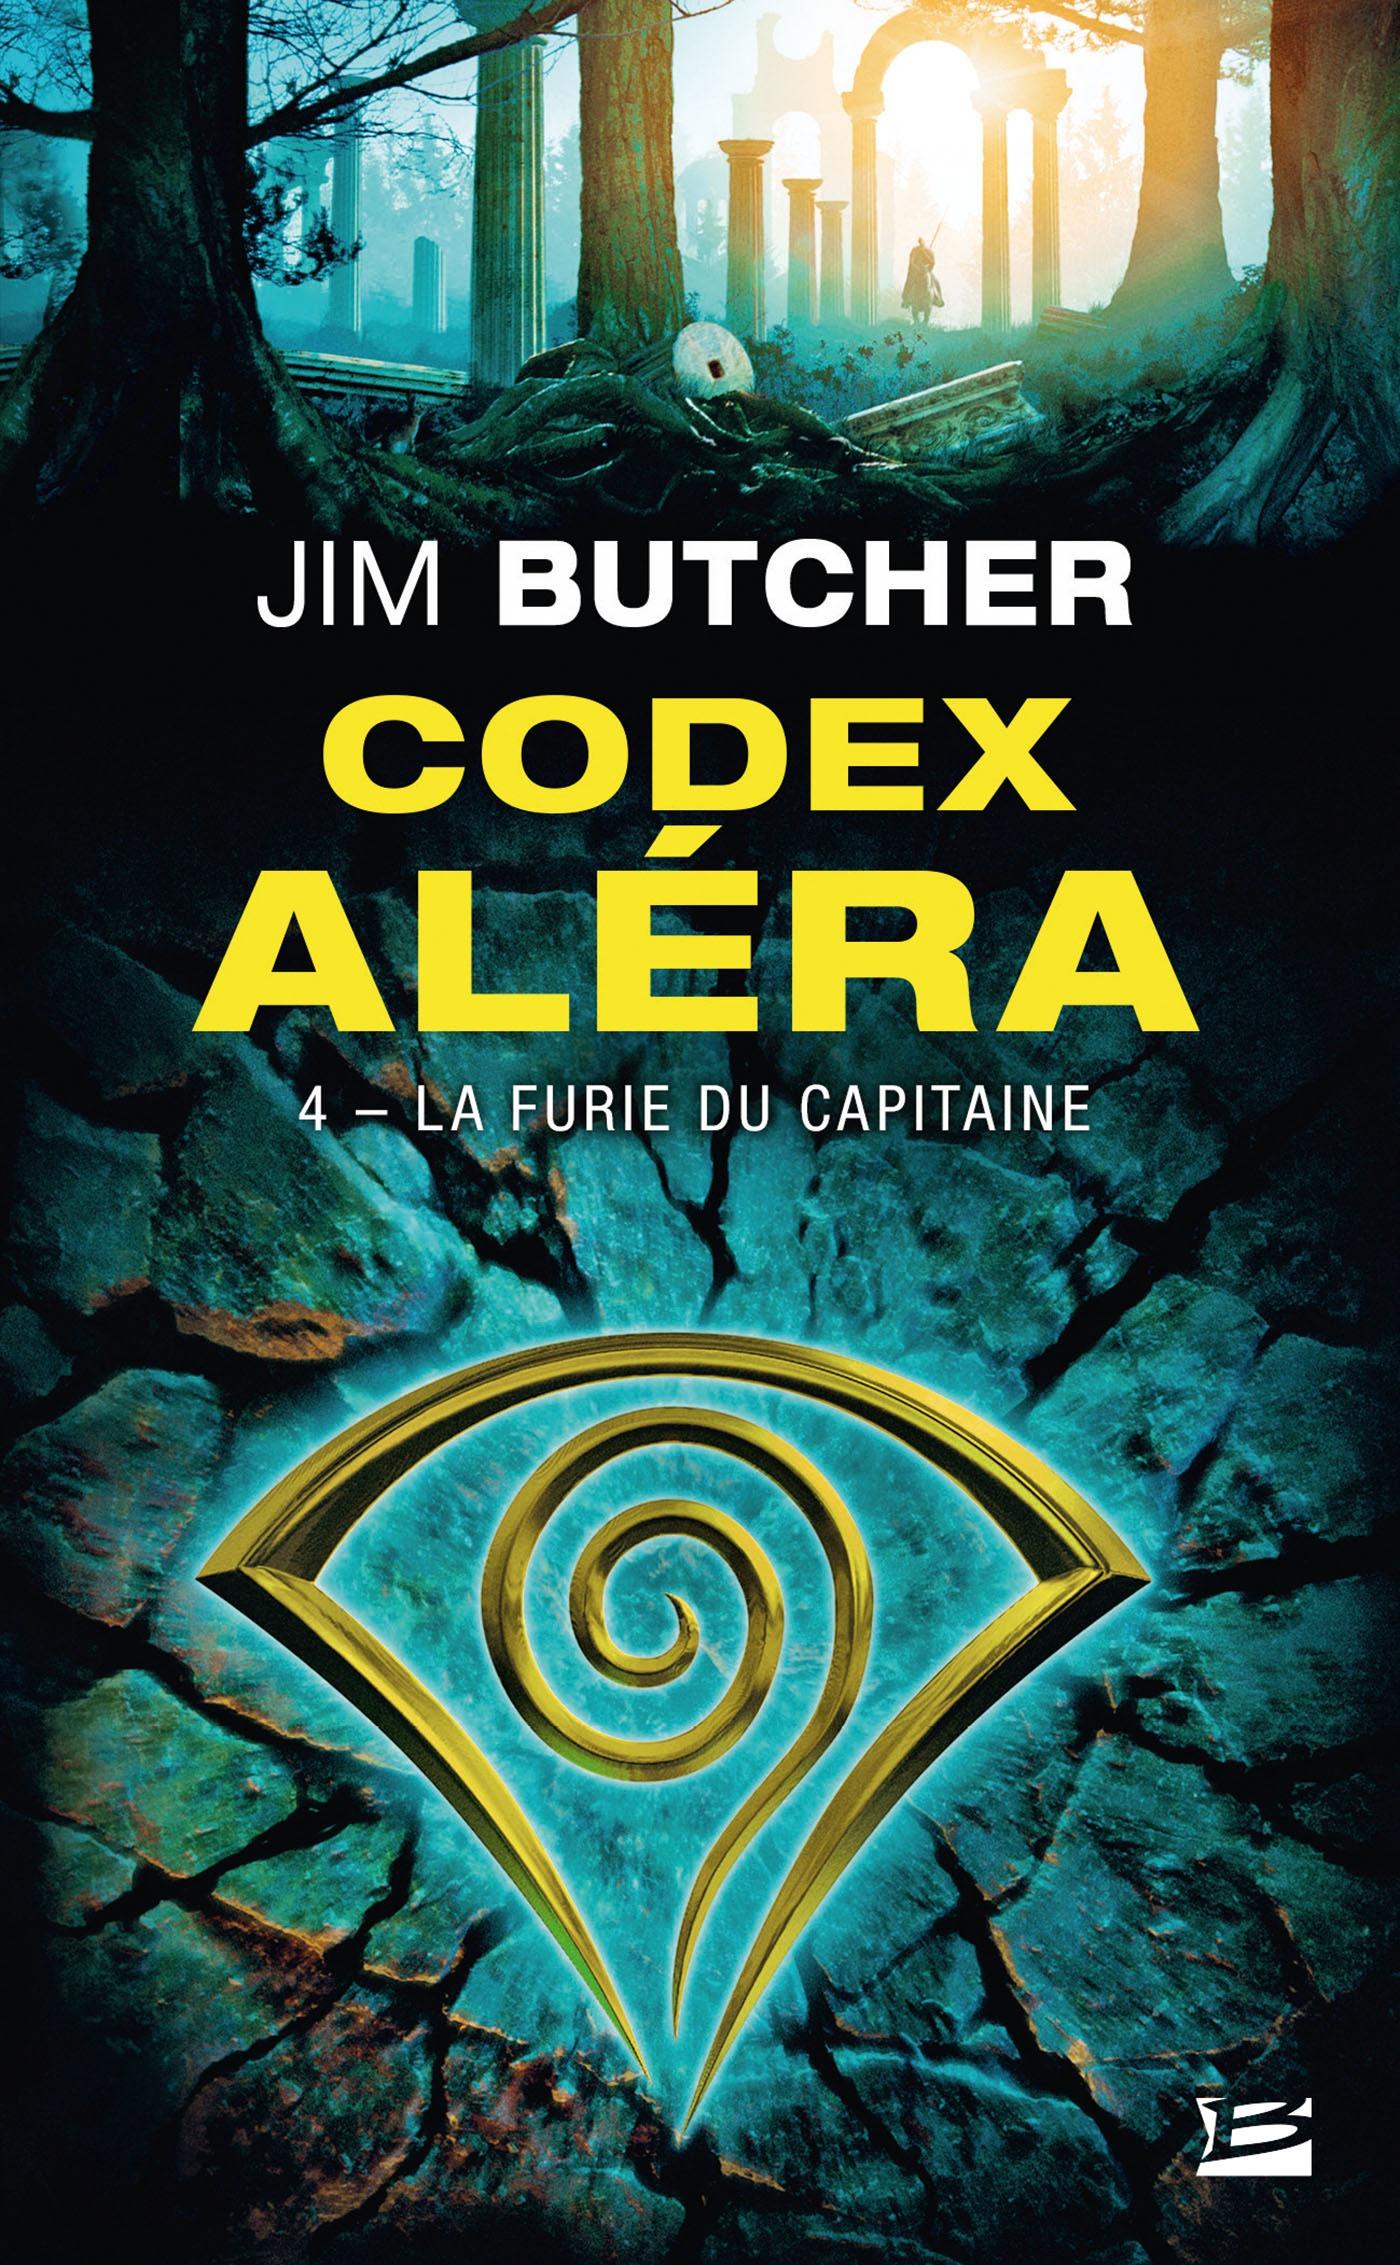 La Furie du capitaine, CODEX ALÉRA, T4